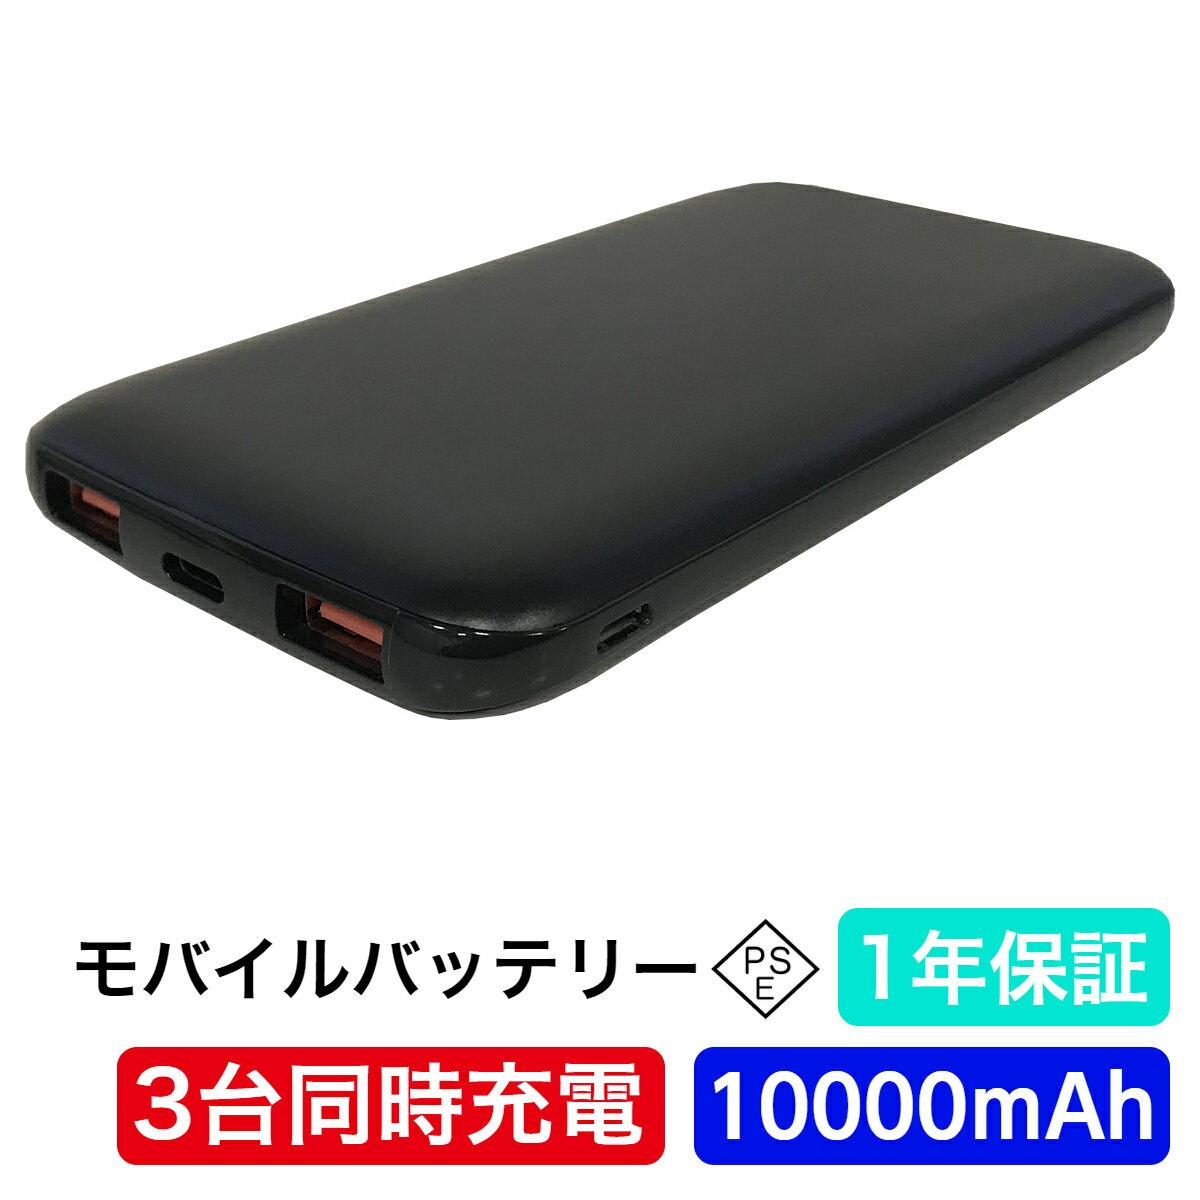 バッテリー・充電器, モバイルバッテリー PSE 1 10000mAh QC3.0 PD 18W 3 iPhone iPad Android C Type C